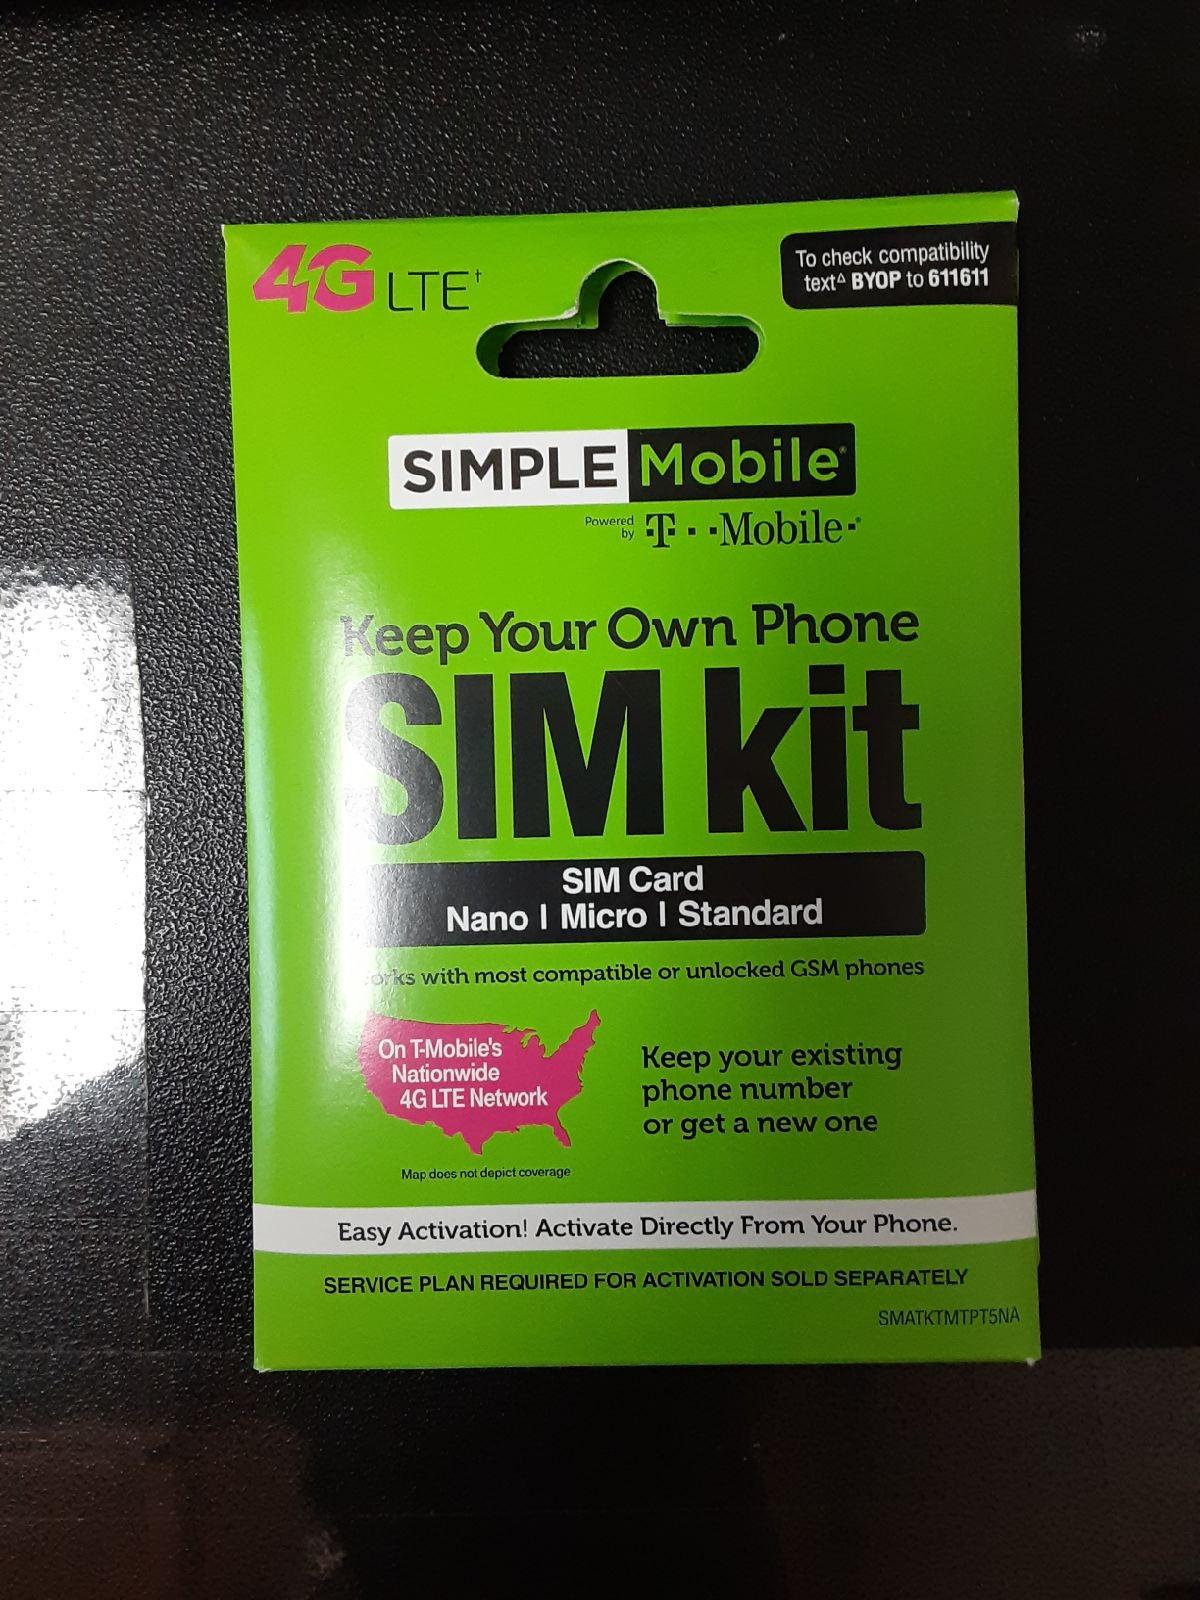 Simple mobile trio sim card